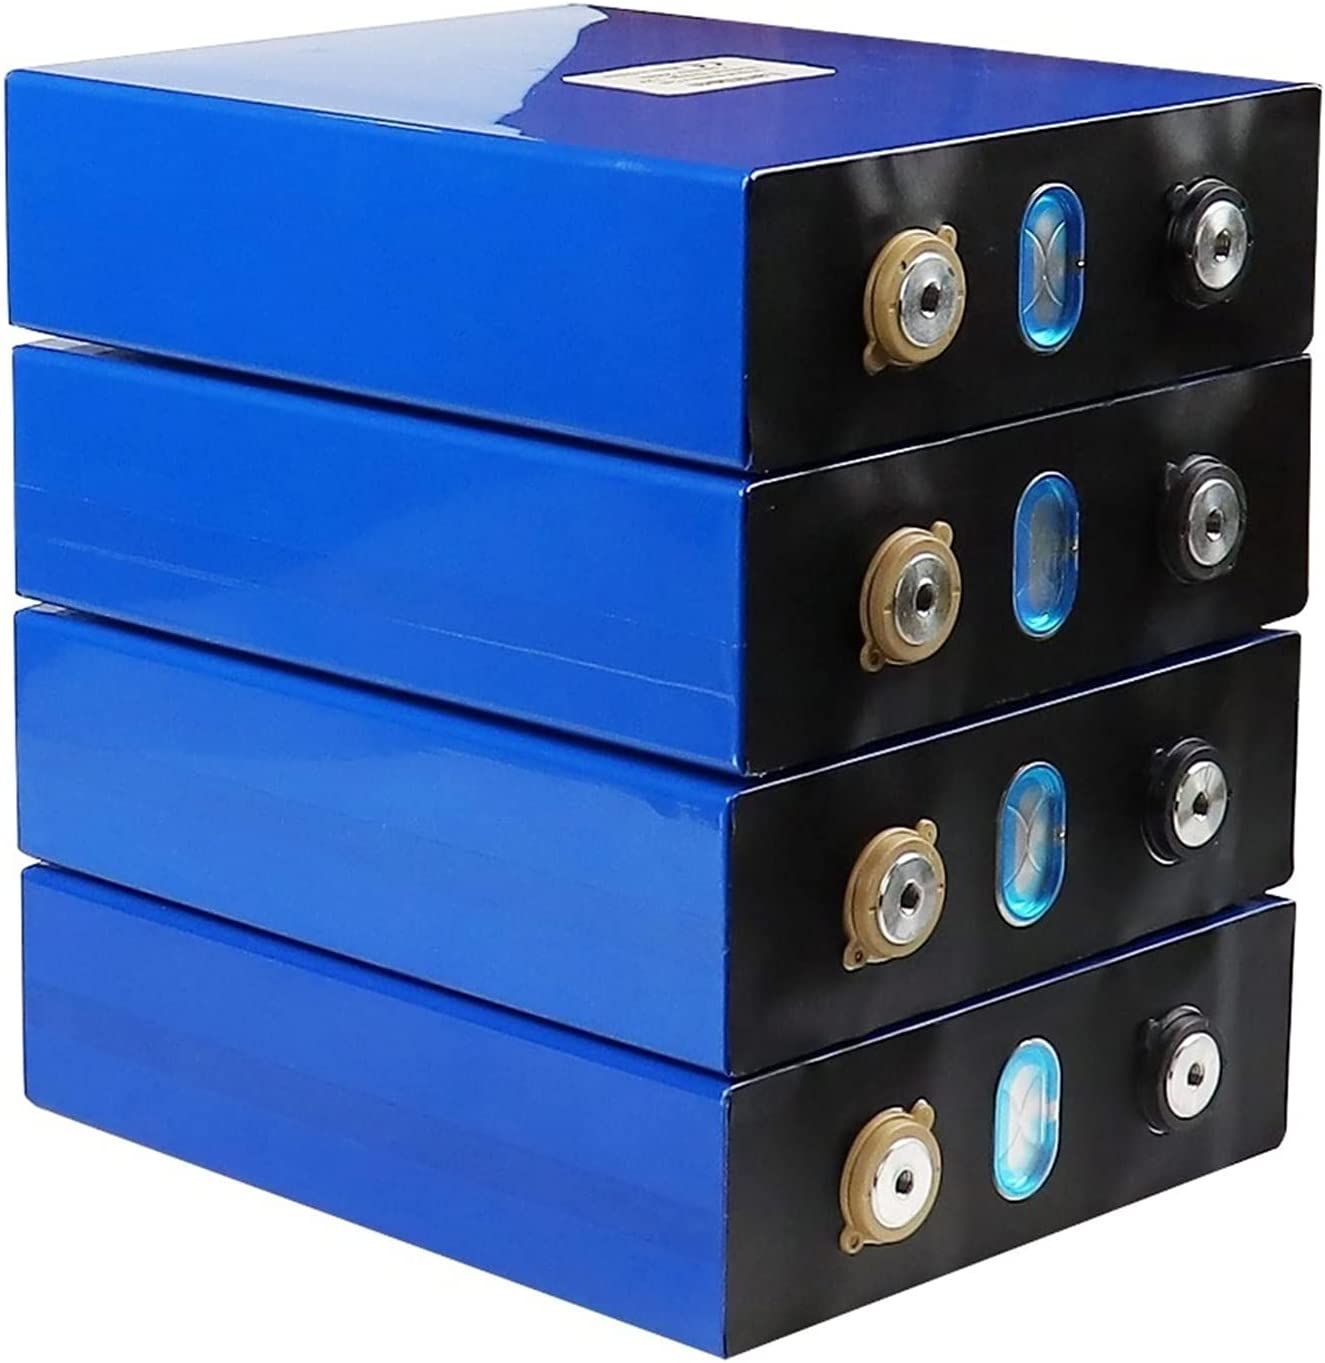 ZOOMLOFT 4 Uds 3,2V 200Ah Lifepo4 Batería DIY 12V/24V/48V 200AH Batería Recargable para Coche Eléctrico RV Sistema De Almacenamiento De Energía Solar